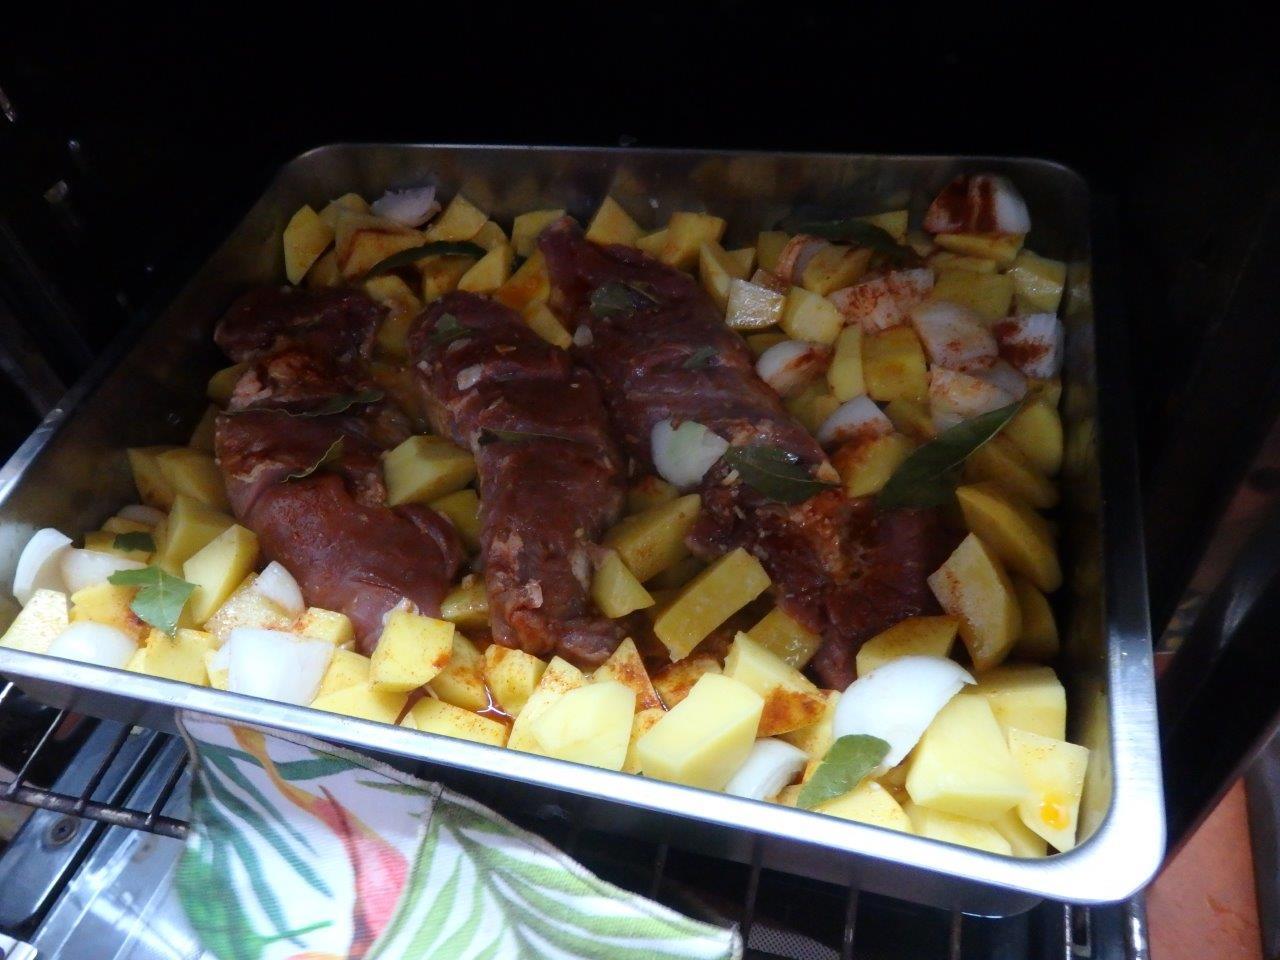 lombinhos de porco assado no forno com batatas Lombinhos de porco assado no forno com batatas Lombinhos de porco assado no forno com batatas 5